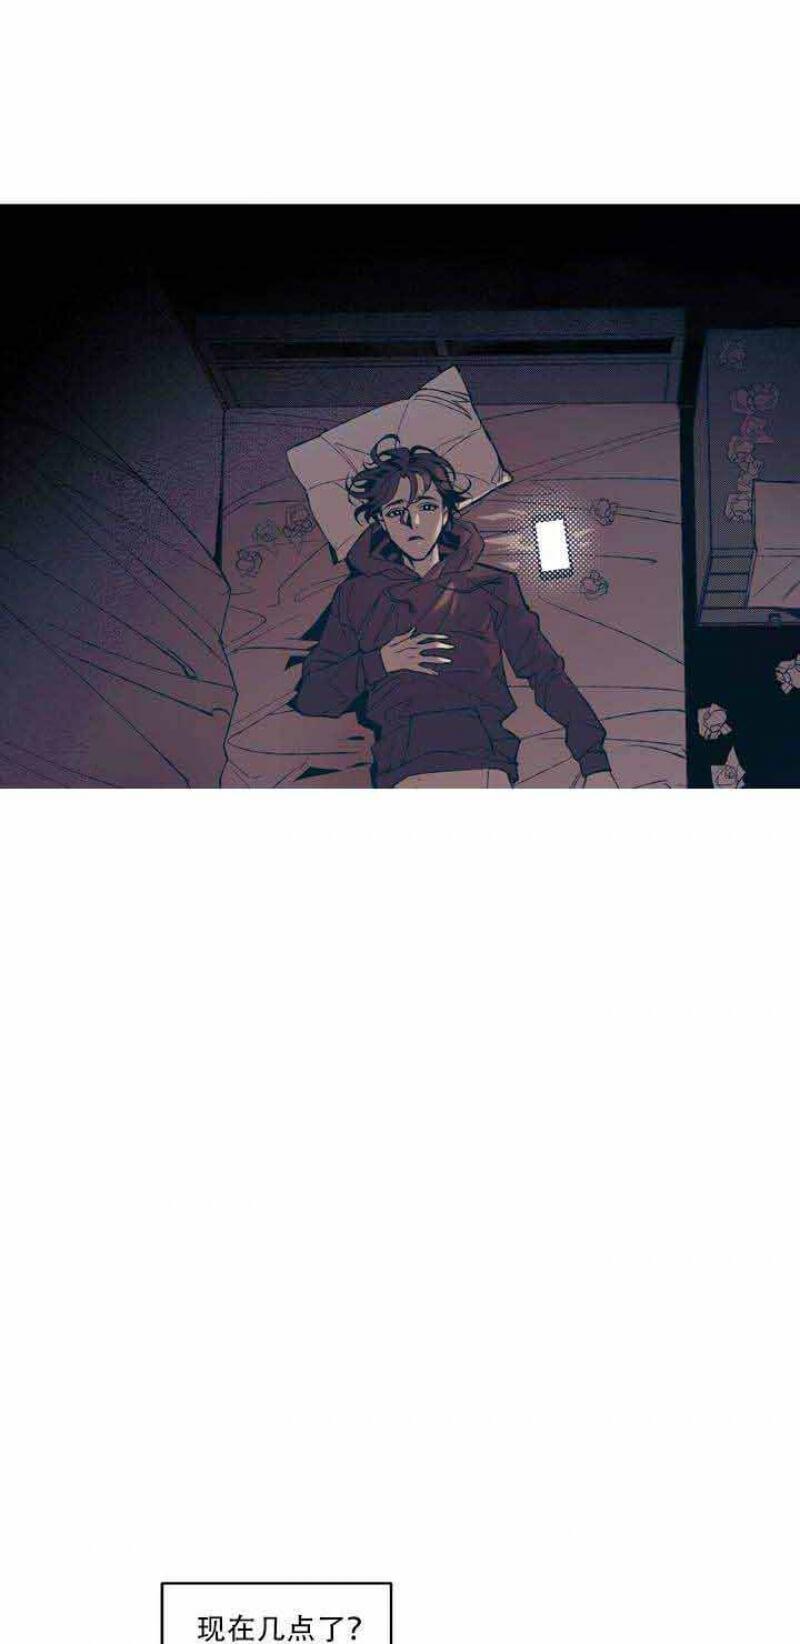 韩漫 |《偶然同居》偶然的同居,偶然的爱情!  第7张